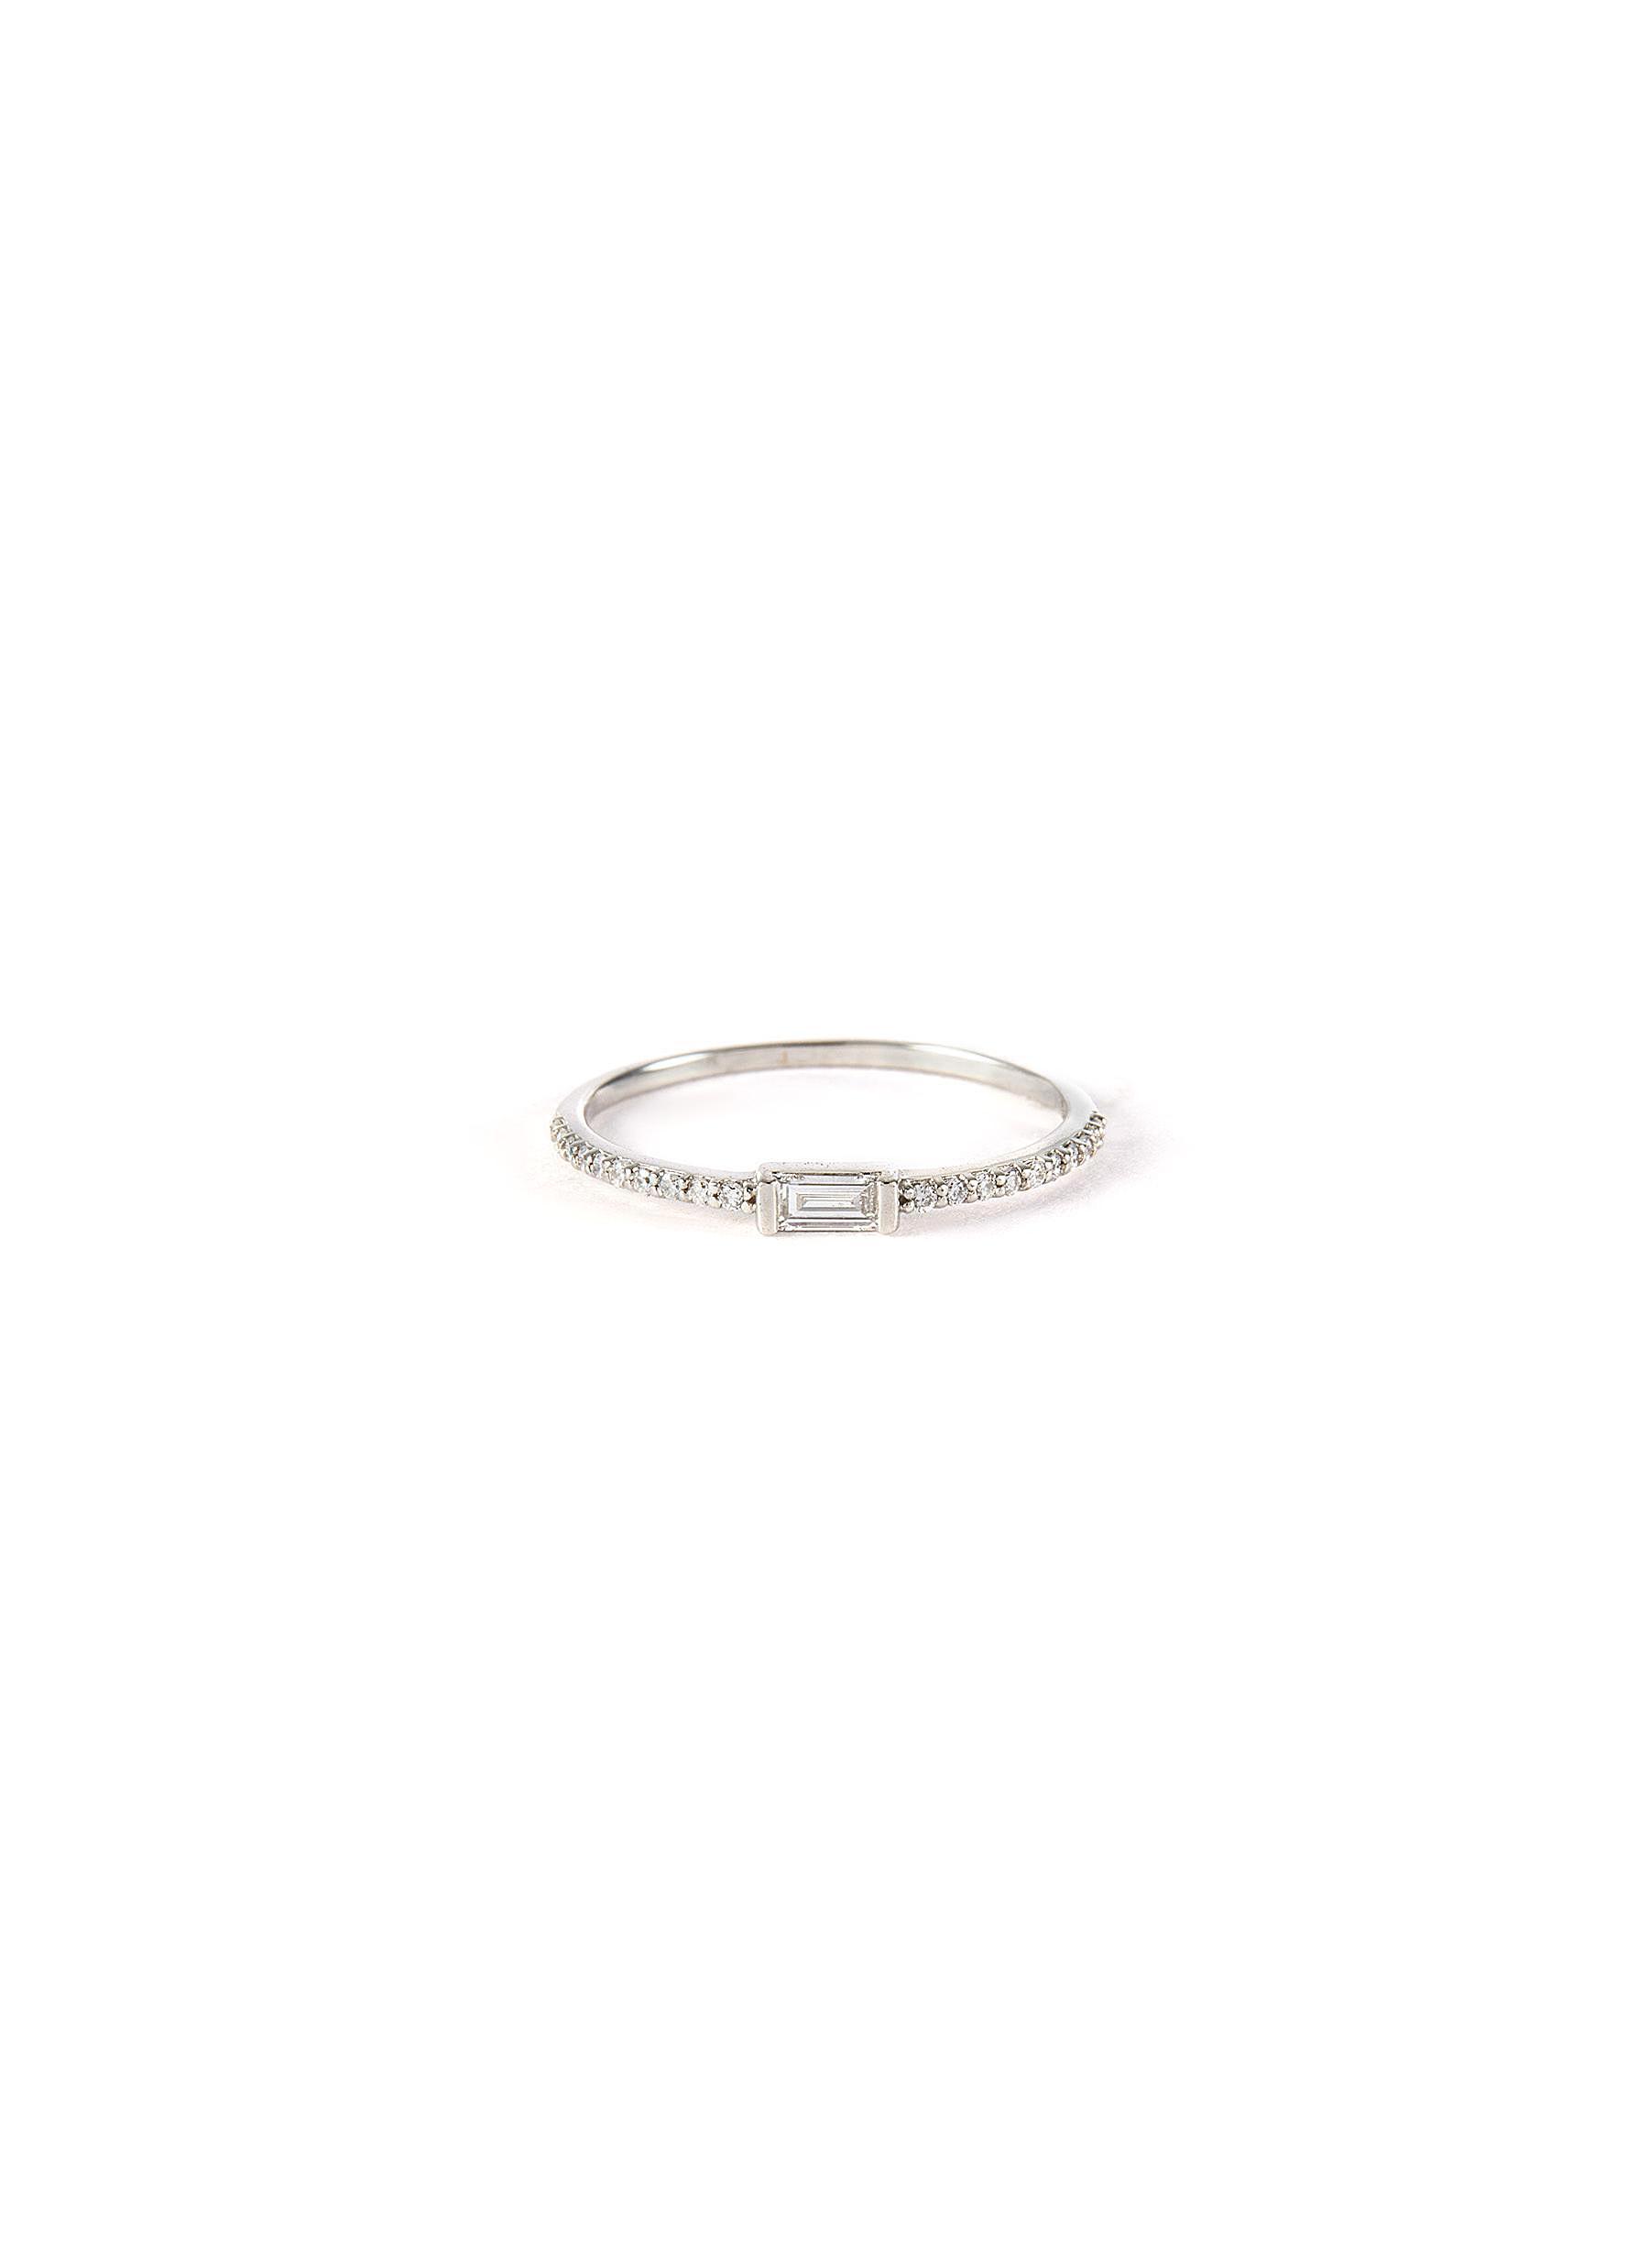 'Ilaria' lab grown diamond 9k white gold ring